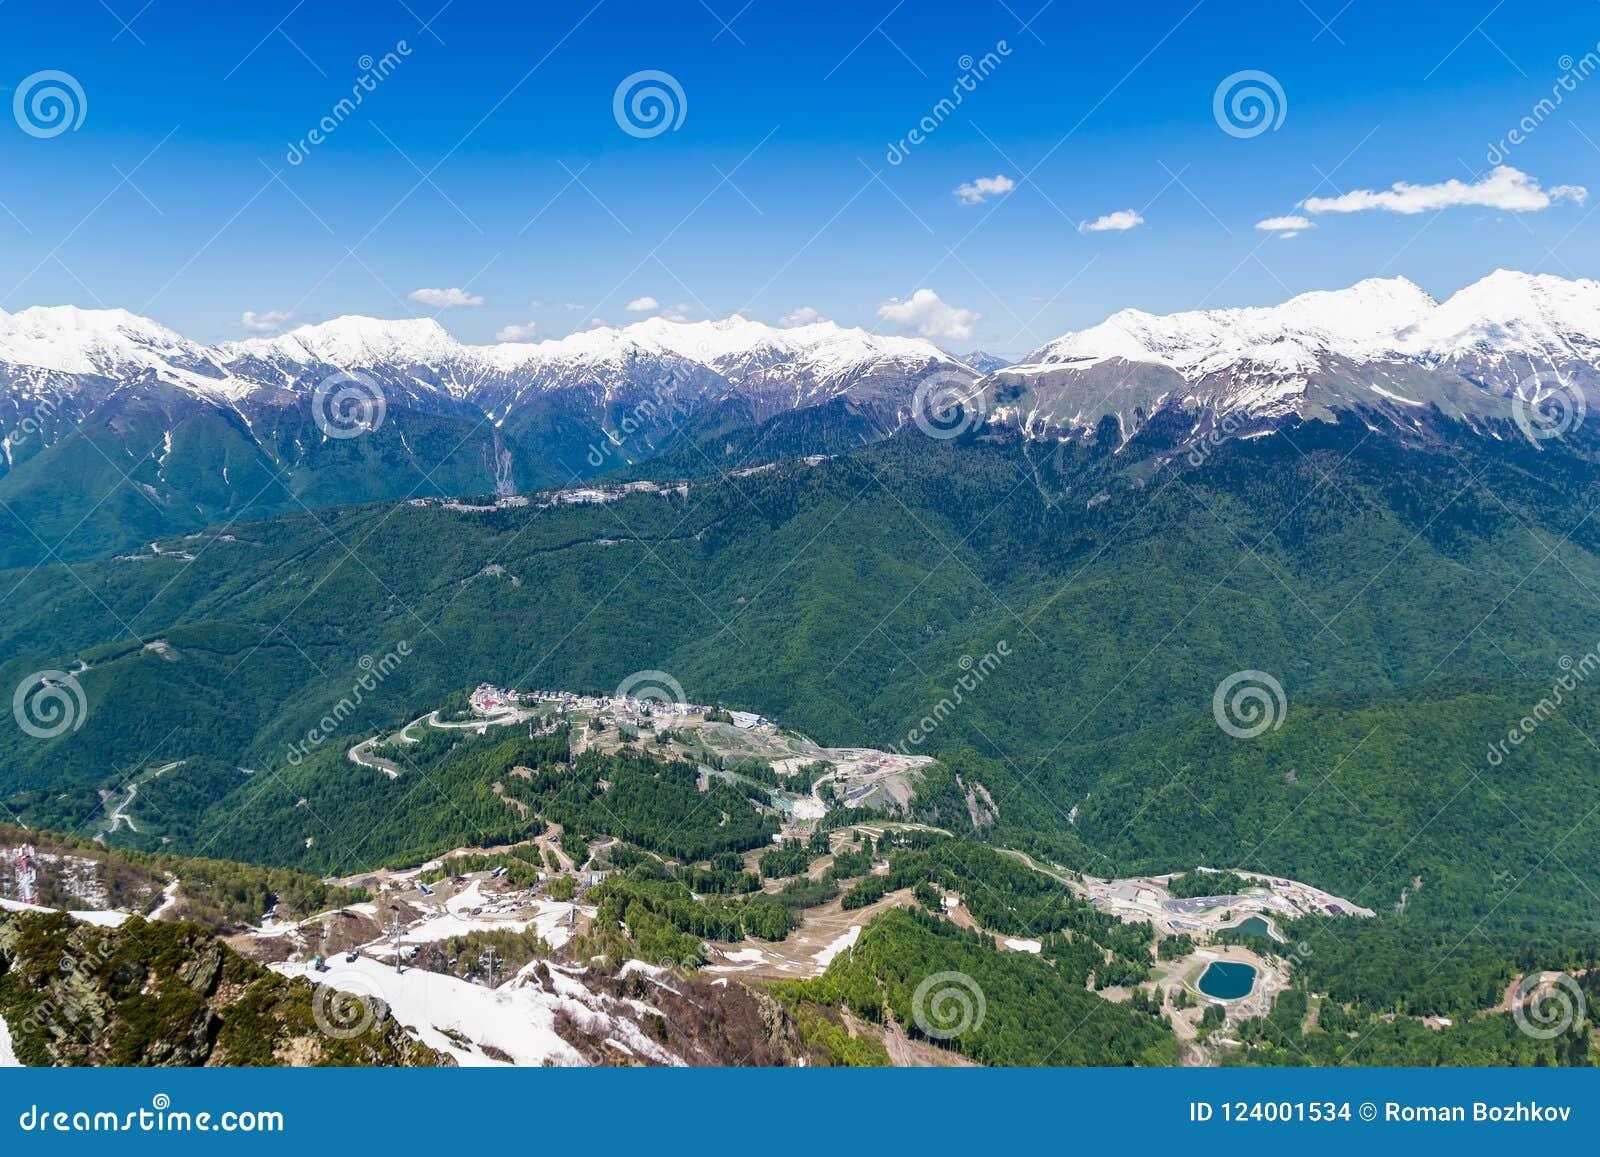 Bergvallei met snow-capped bergpieken hoogte 2320 boven overzees - niveau esto-Sadok Rusland Sotchi